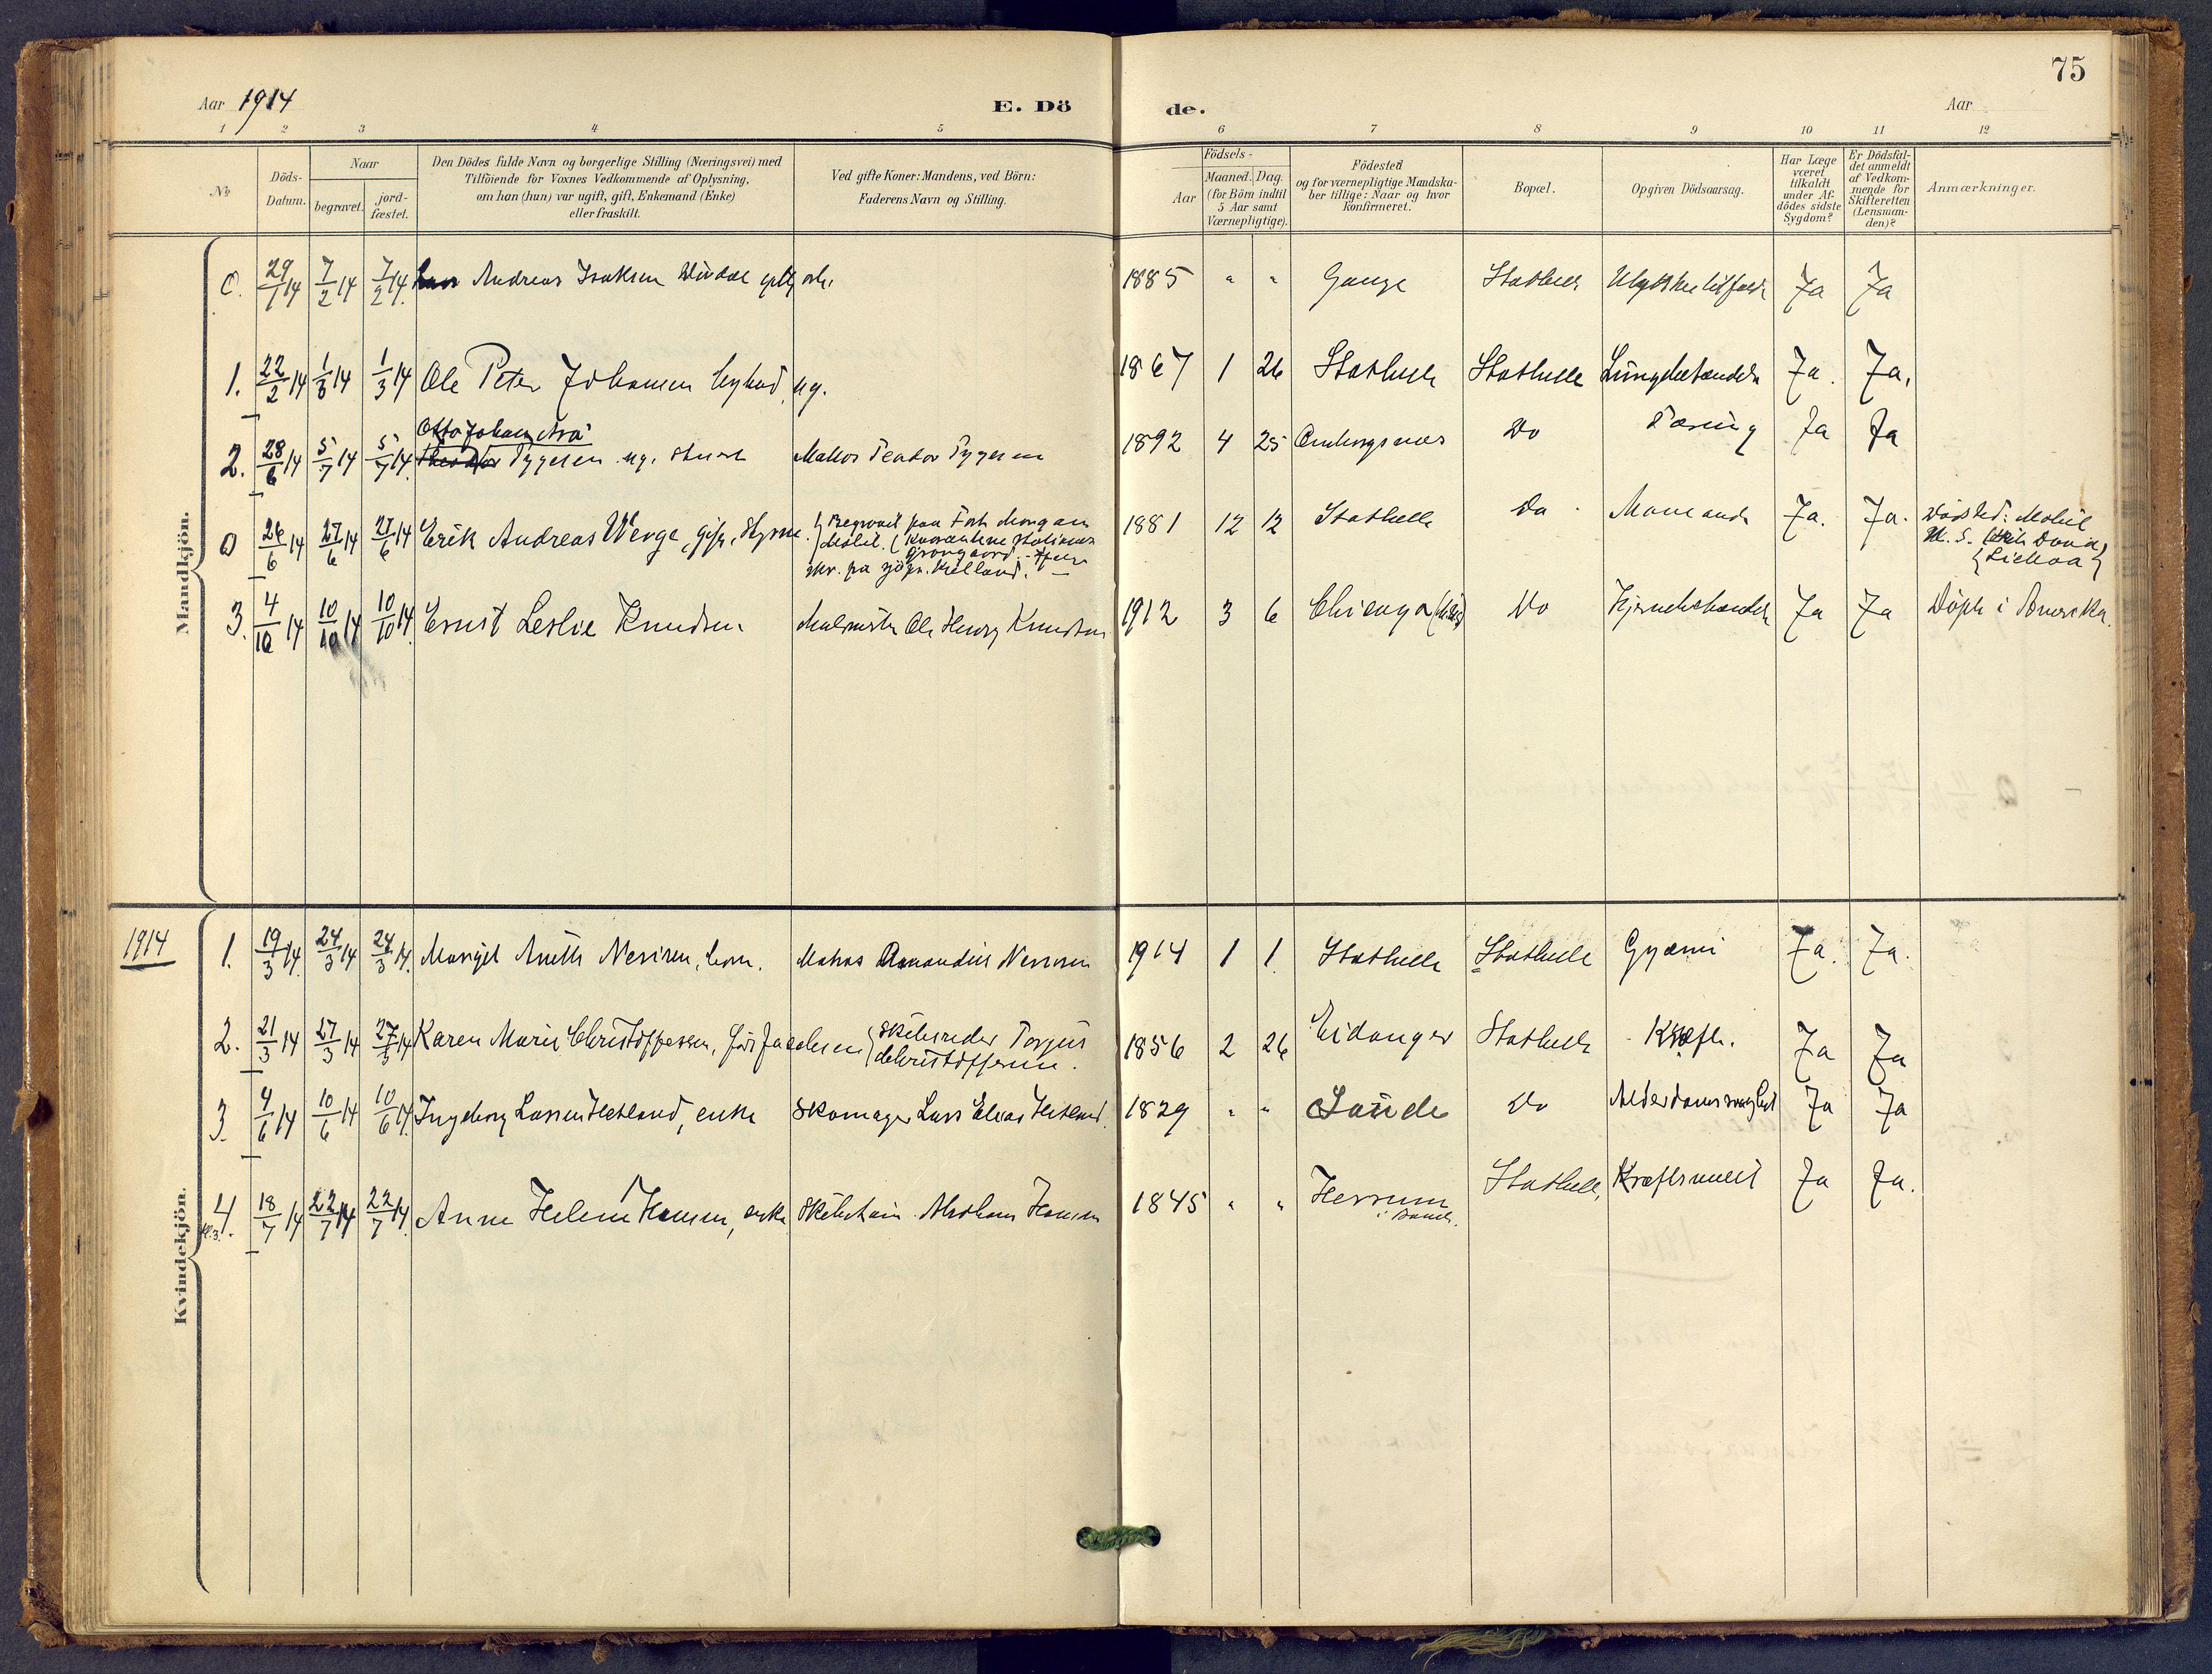 SAKO, Bamble kirkebøker, F/Fb/L0002: Ministerialbok nr. II 2, 1900-1921, s. 75